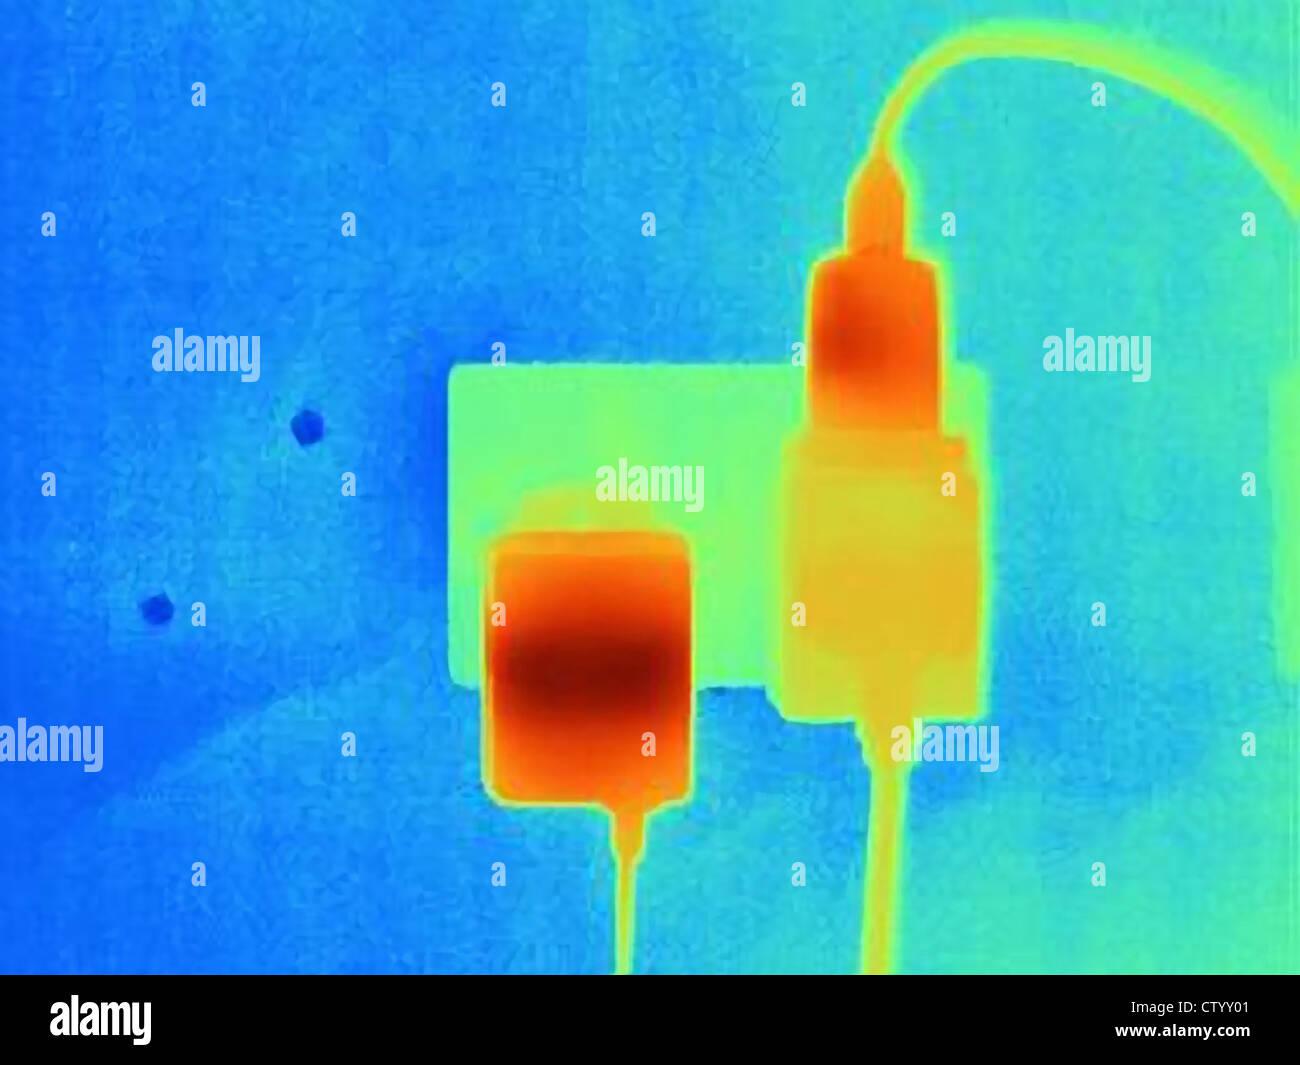 Immagine termica di spine e prese di corrente Immagini Stock